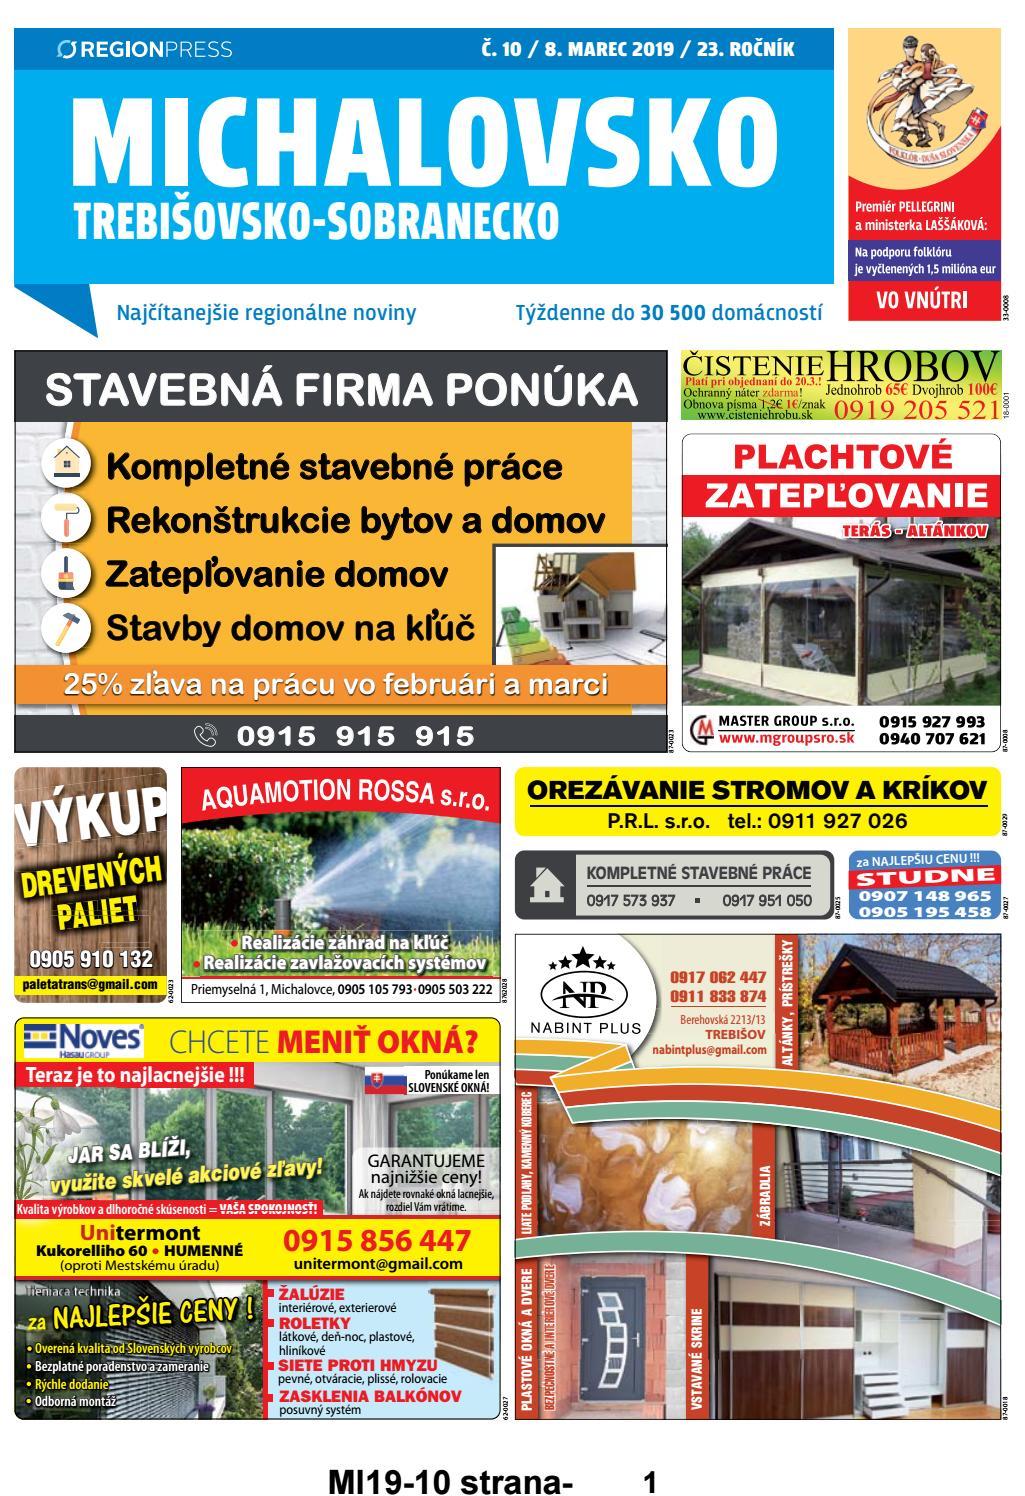 8c16dbb600b0 Michalovsko 19-10 by REGIONPRESS - Michalovsko - issuu